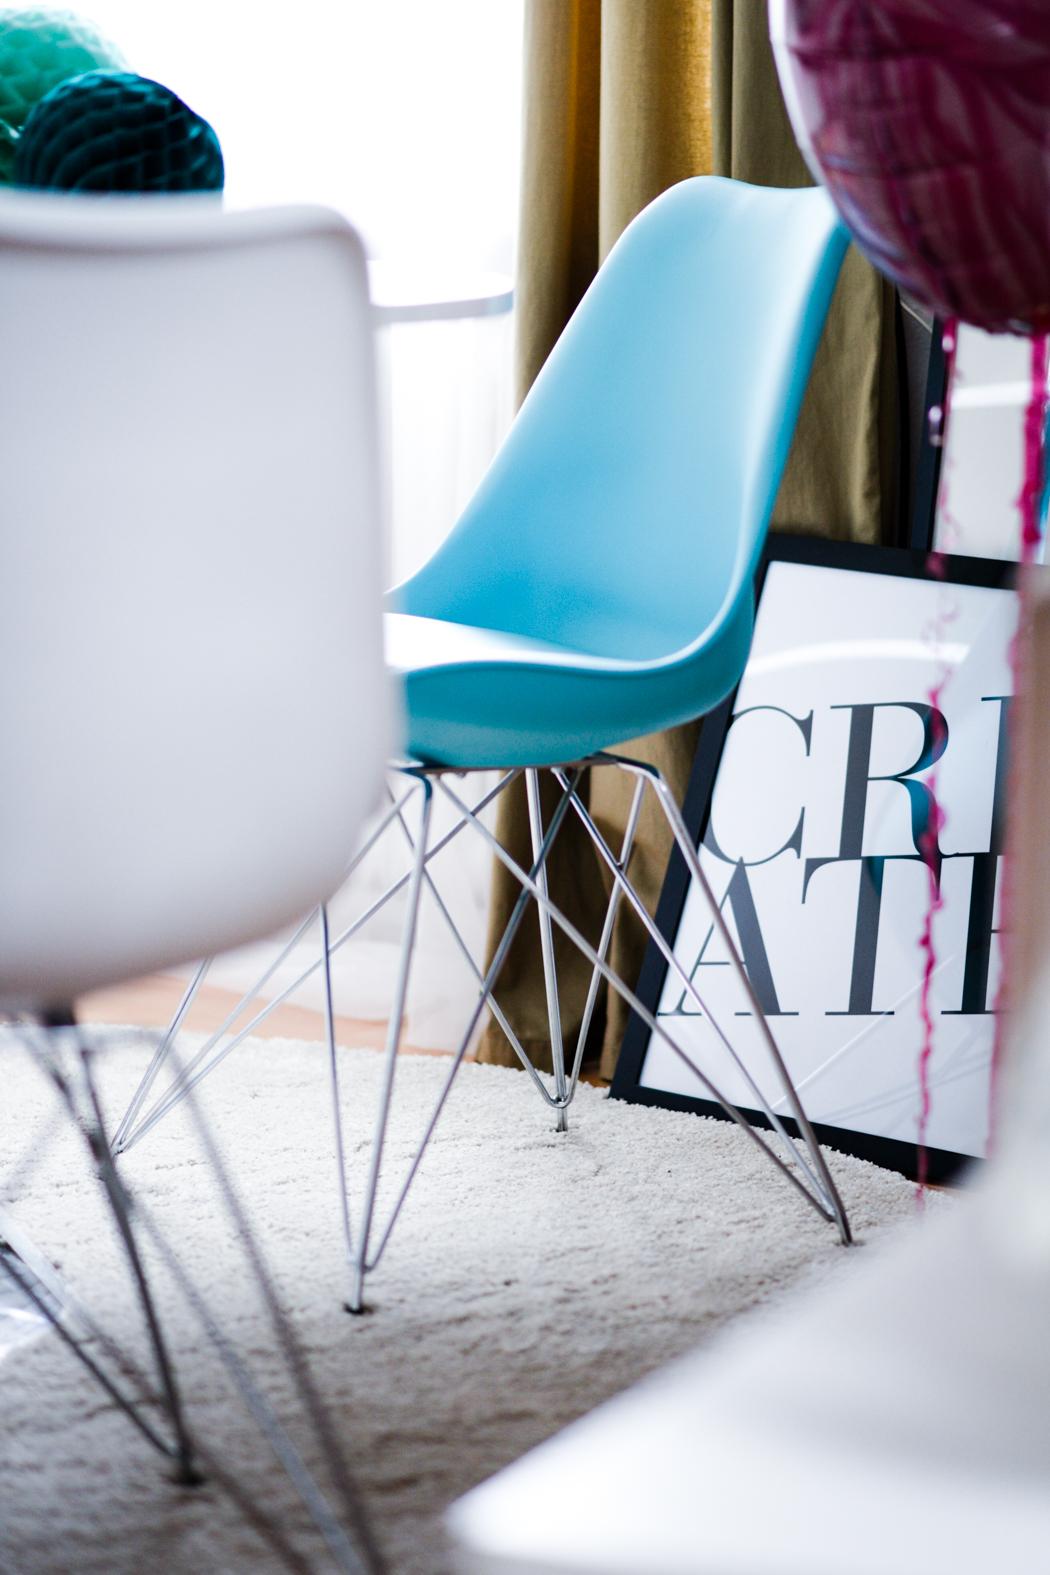 Runder-weißer-Esstisch-Charles-Eames-Chair-Interieur-5